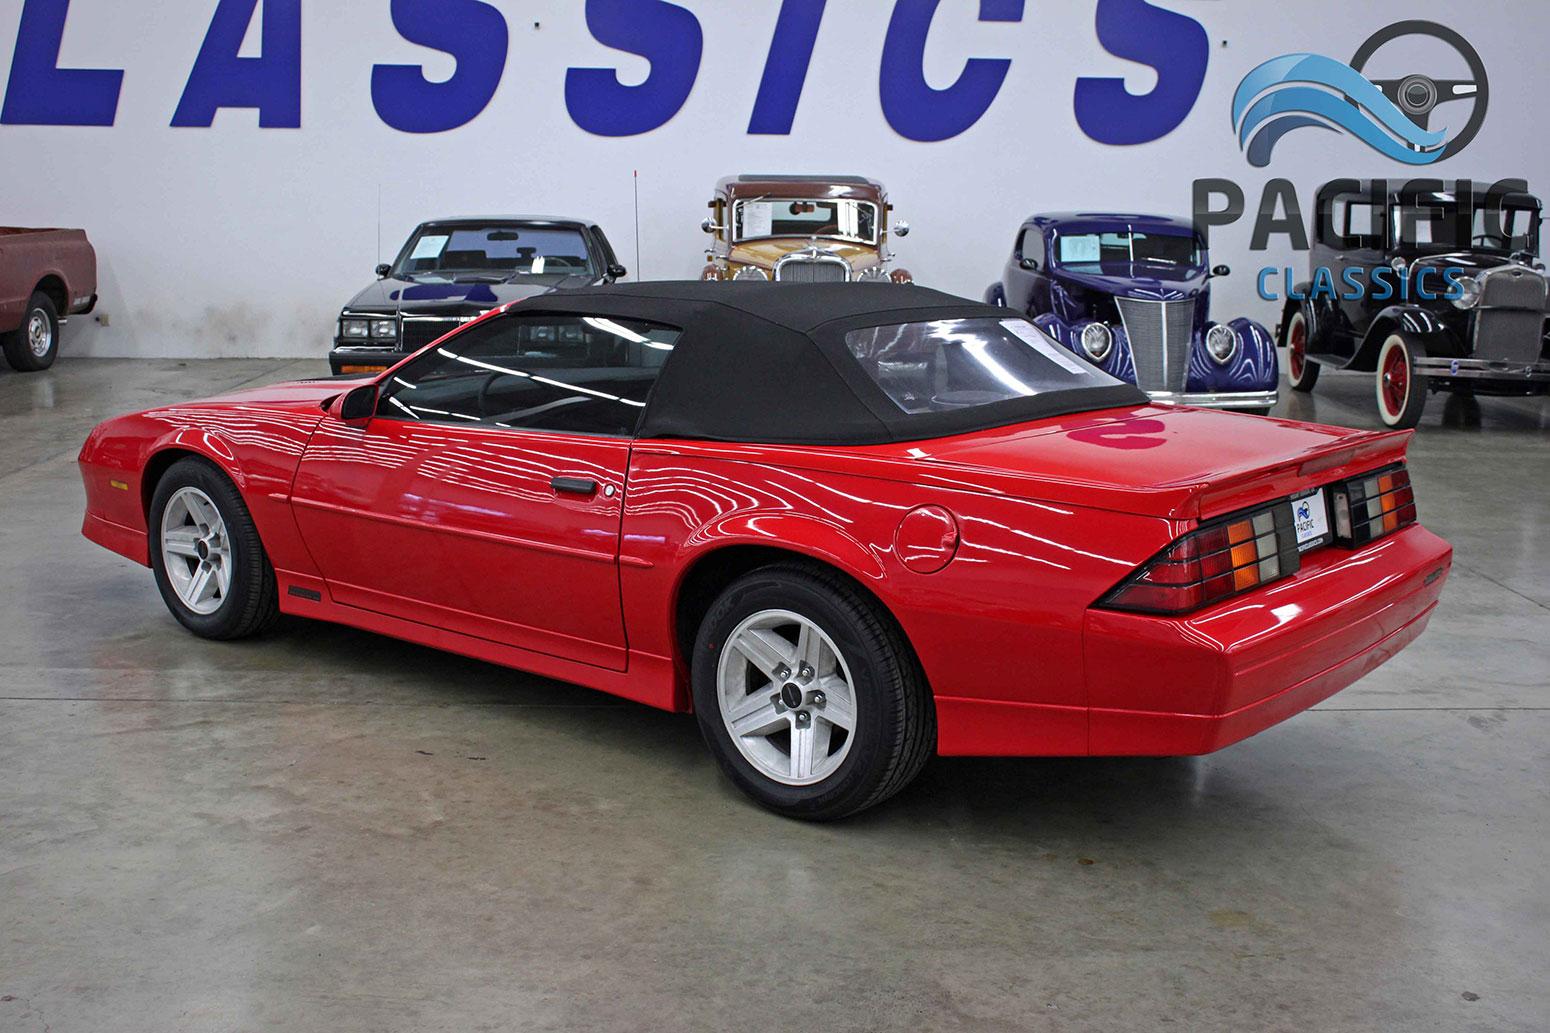 1989 Chevrolet Camaro Convertible